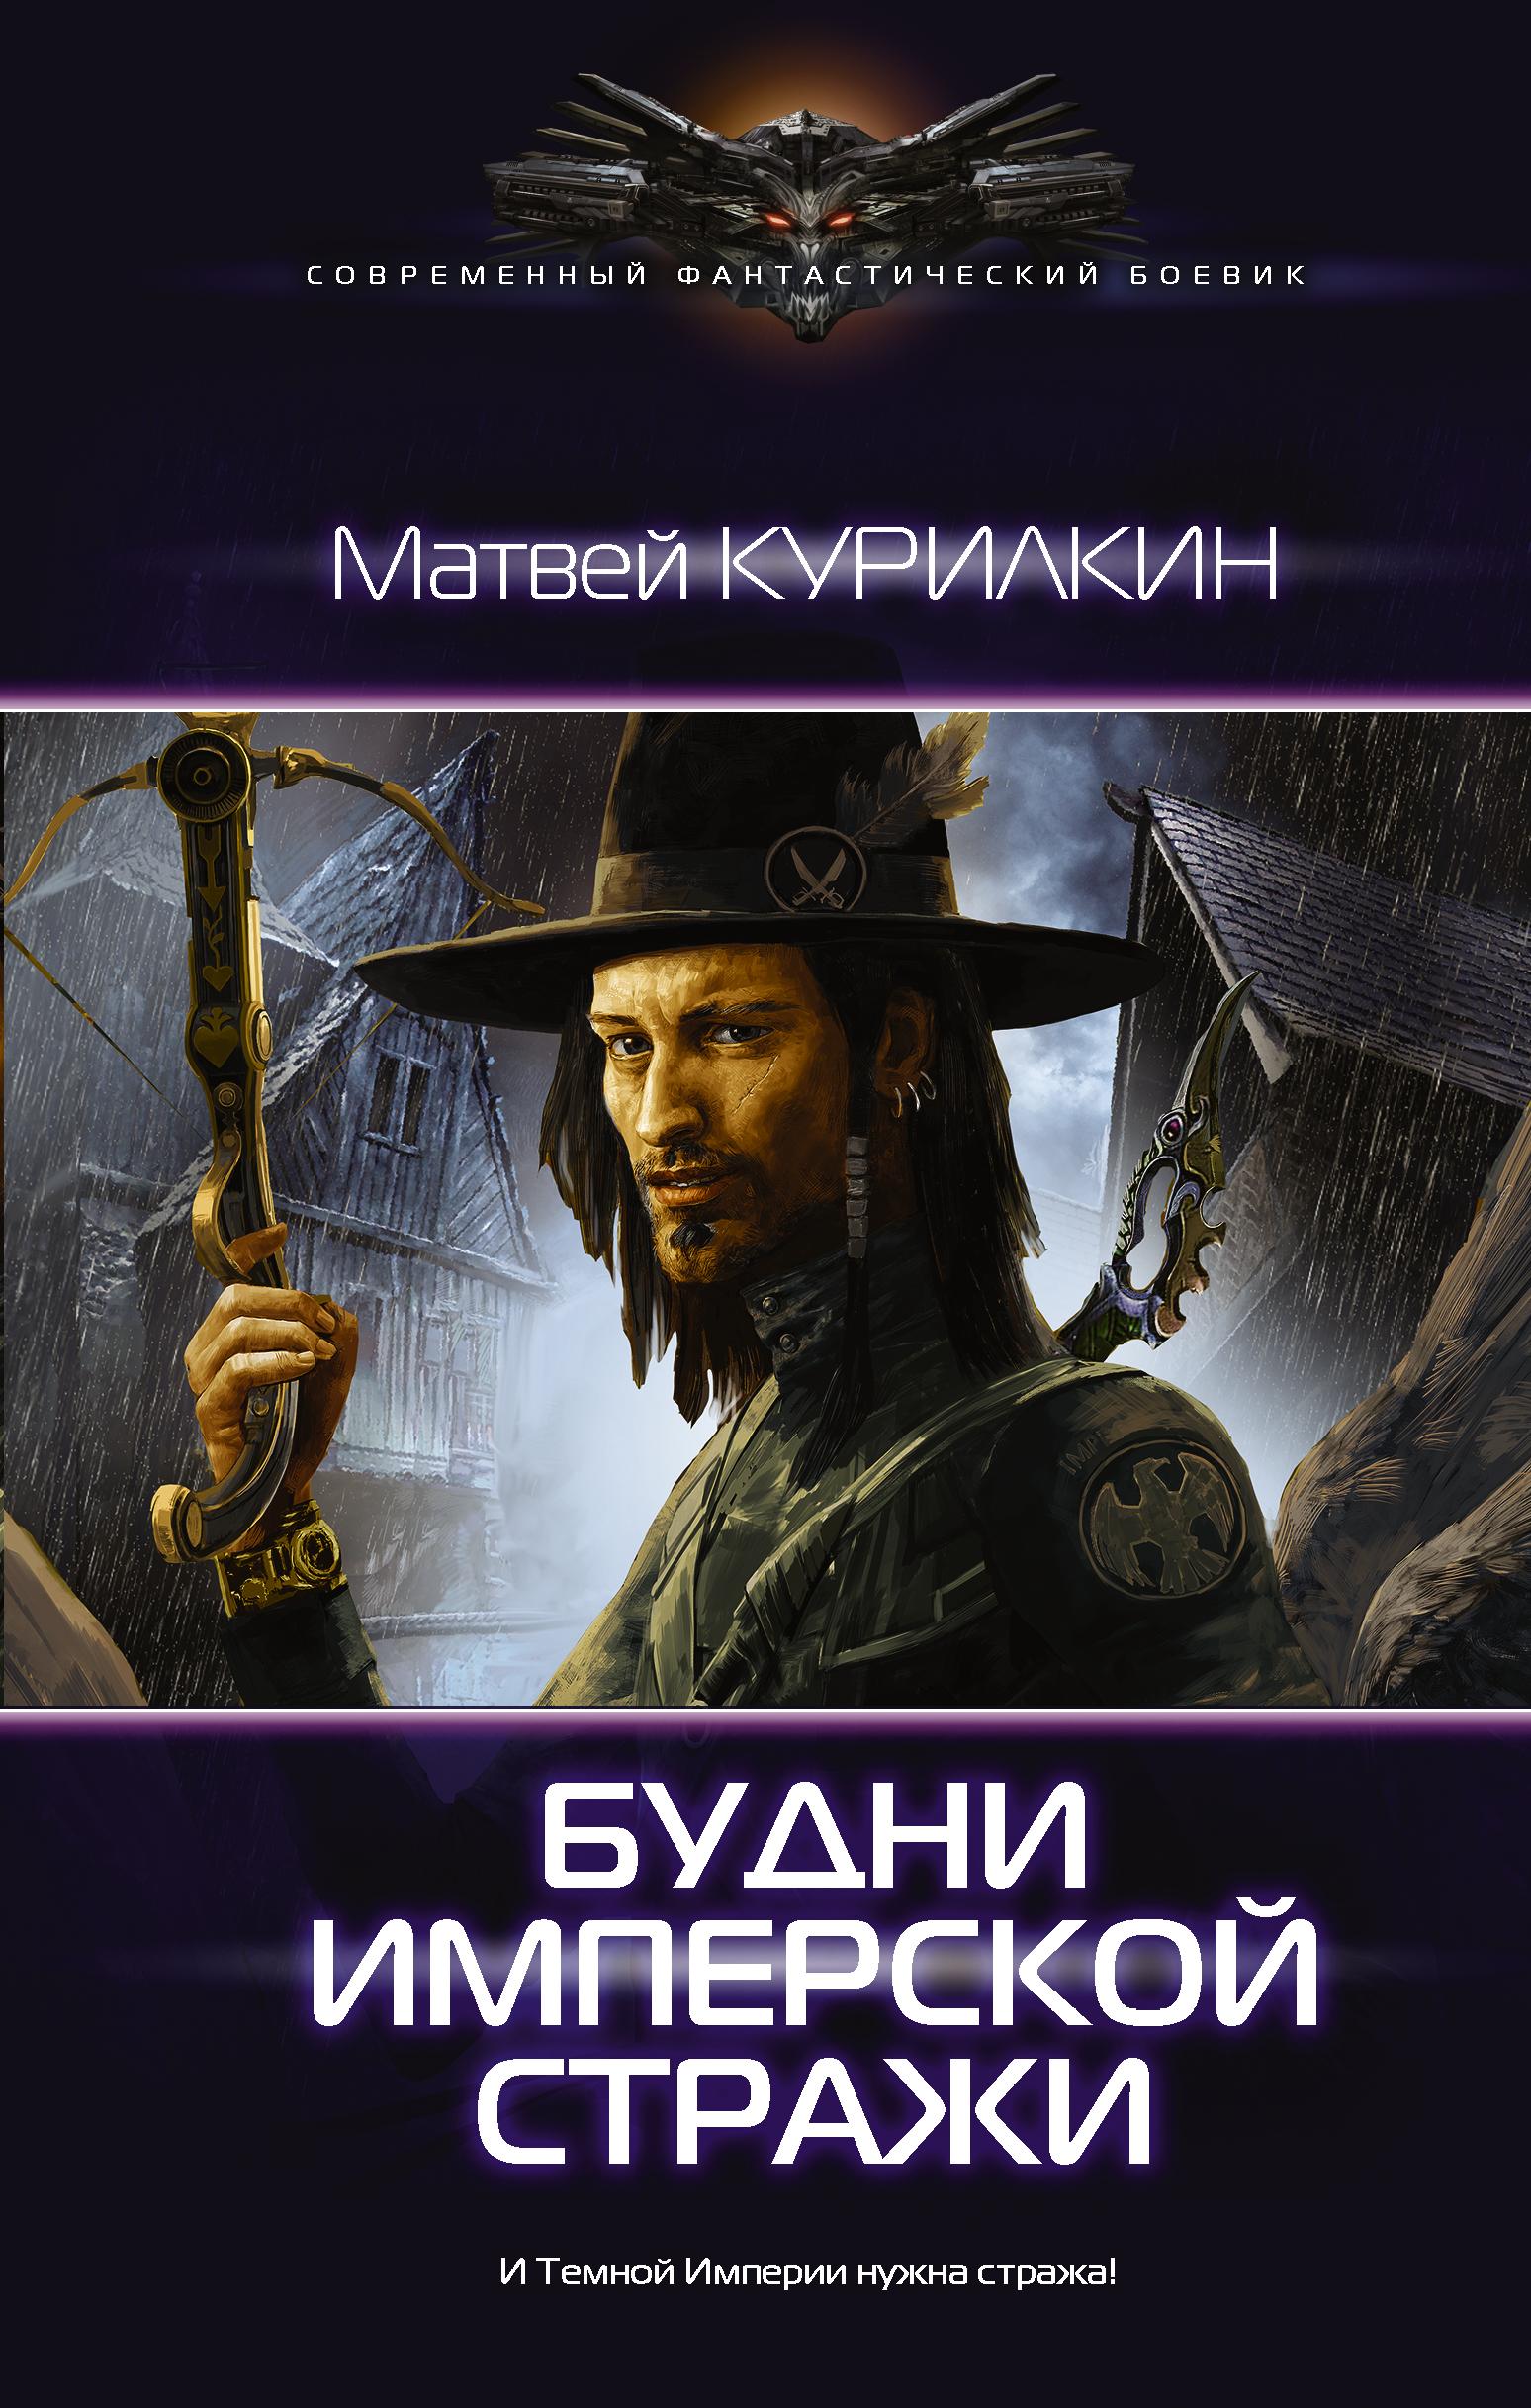 Курилкин Матвей Геннадьевич Будни имперской стражи